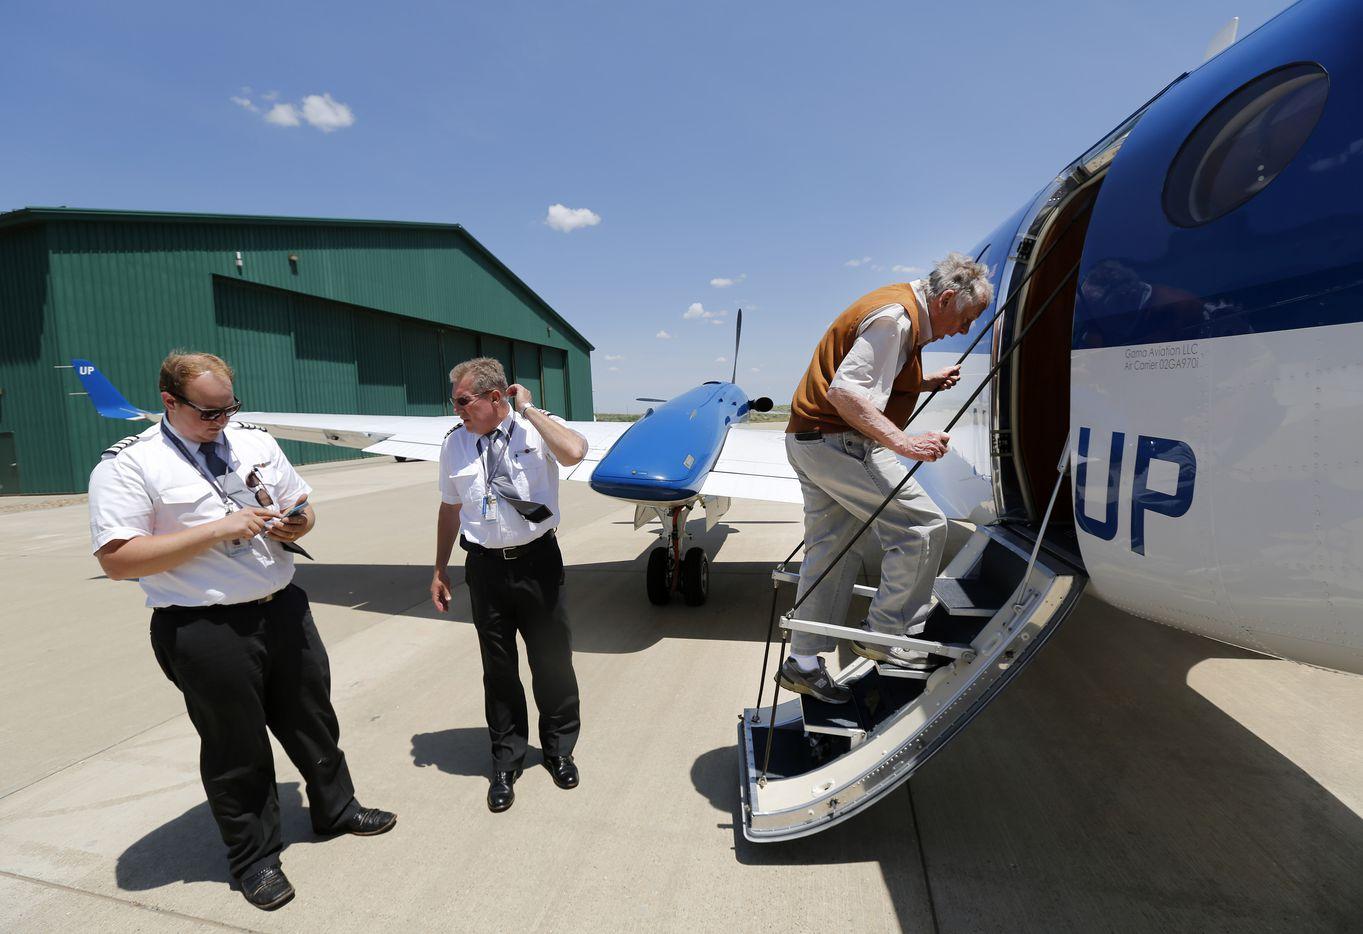 Pickens boards a plane for a flight back to Dallas.